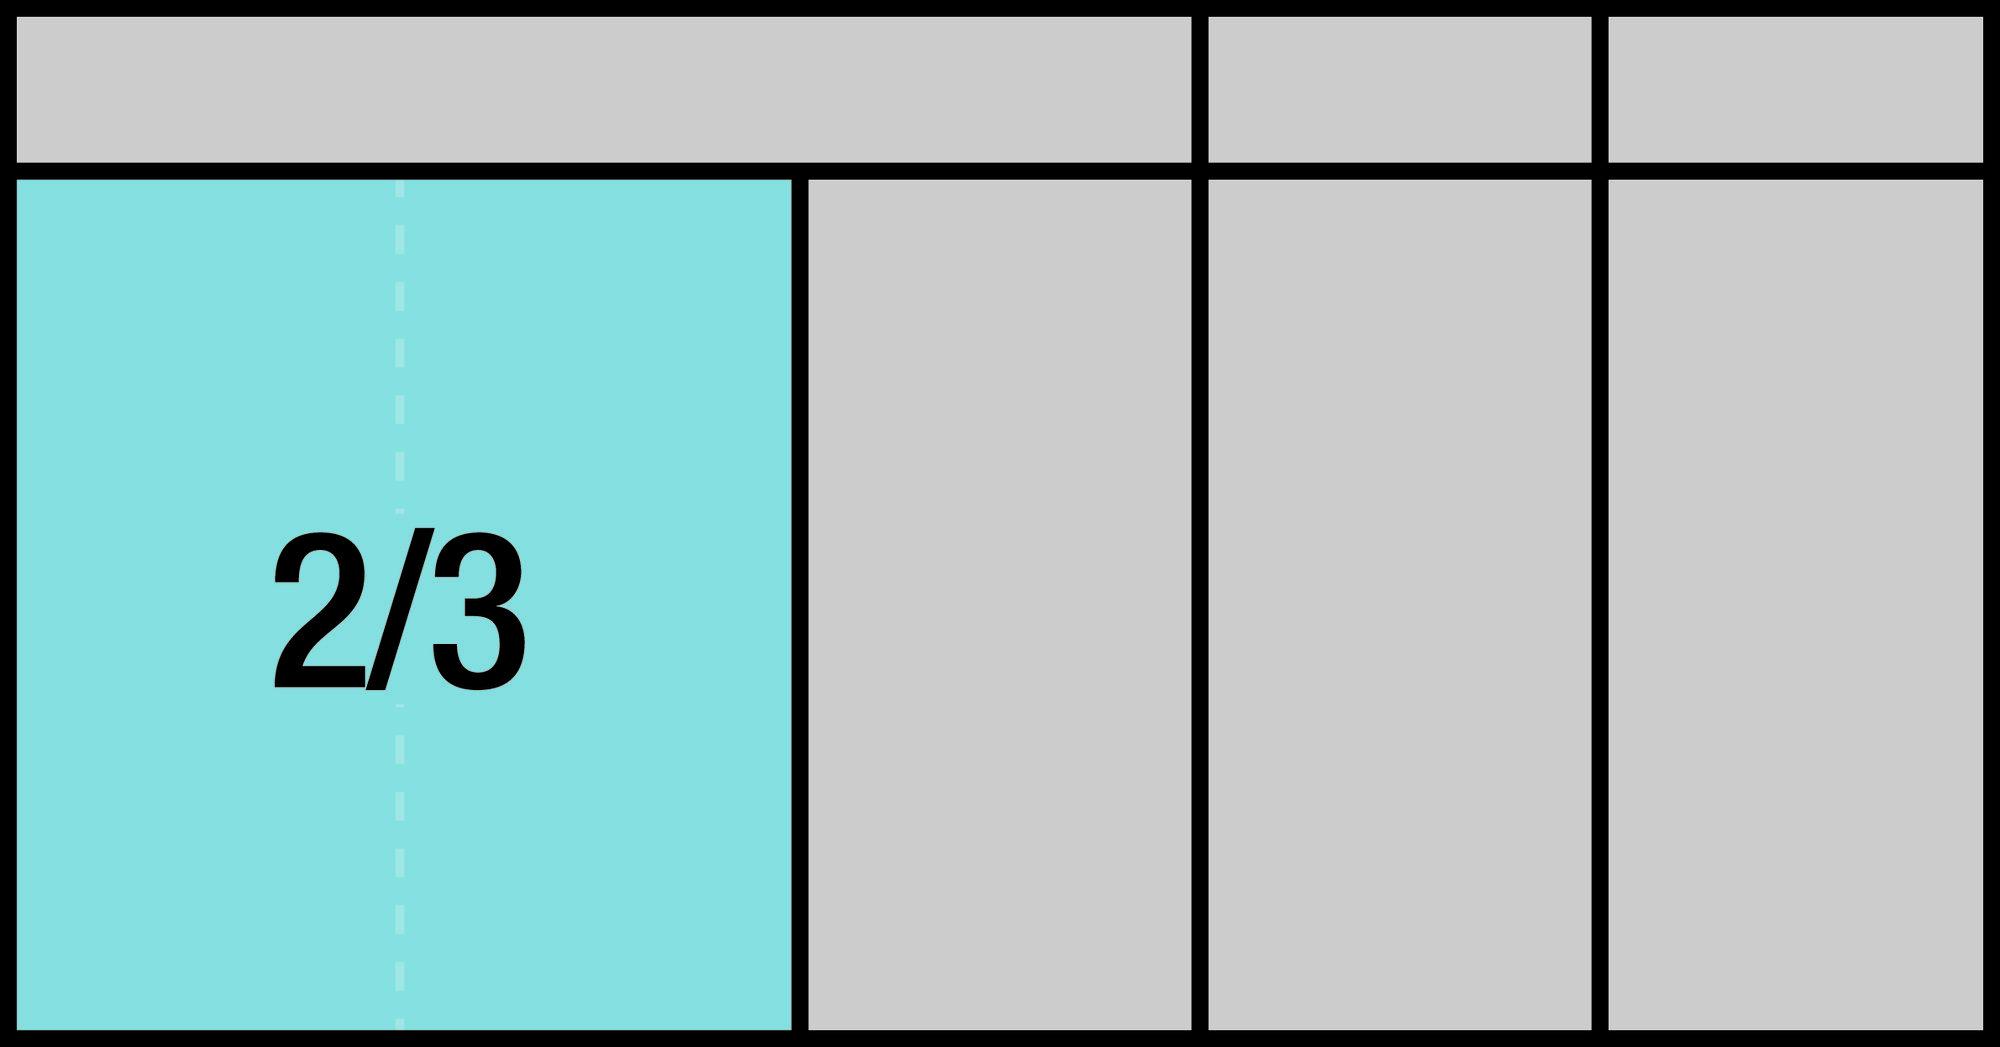 HAZET Knarren Ring-Maulschlüssel Satz ∙ mit Vierkant-Adaptern 163-186/16 ∙ Außen-Doppel-Sechskant-Tractionsprofil